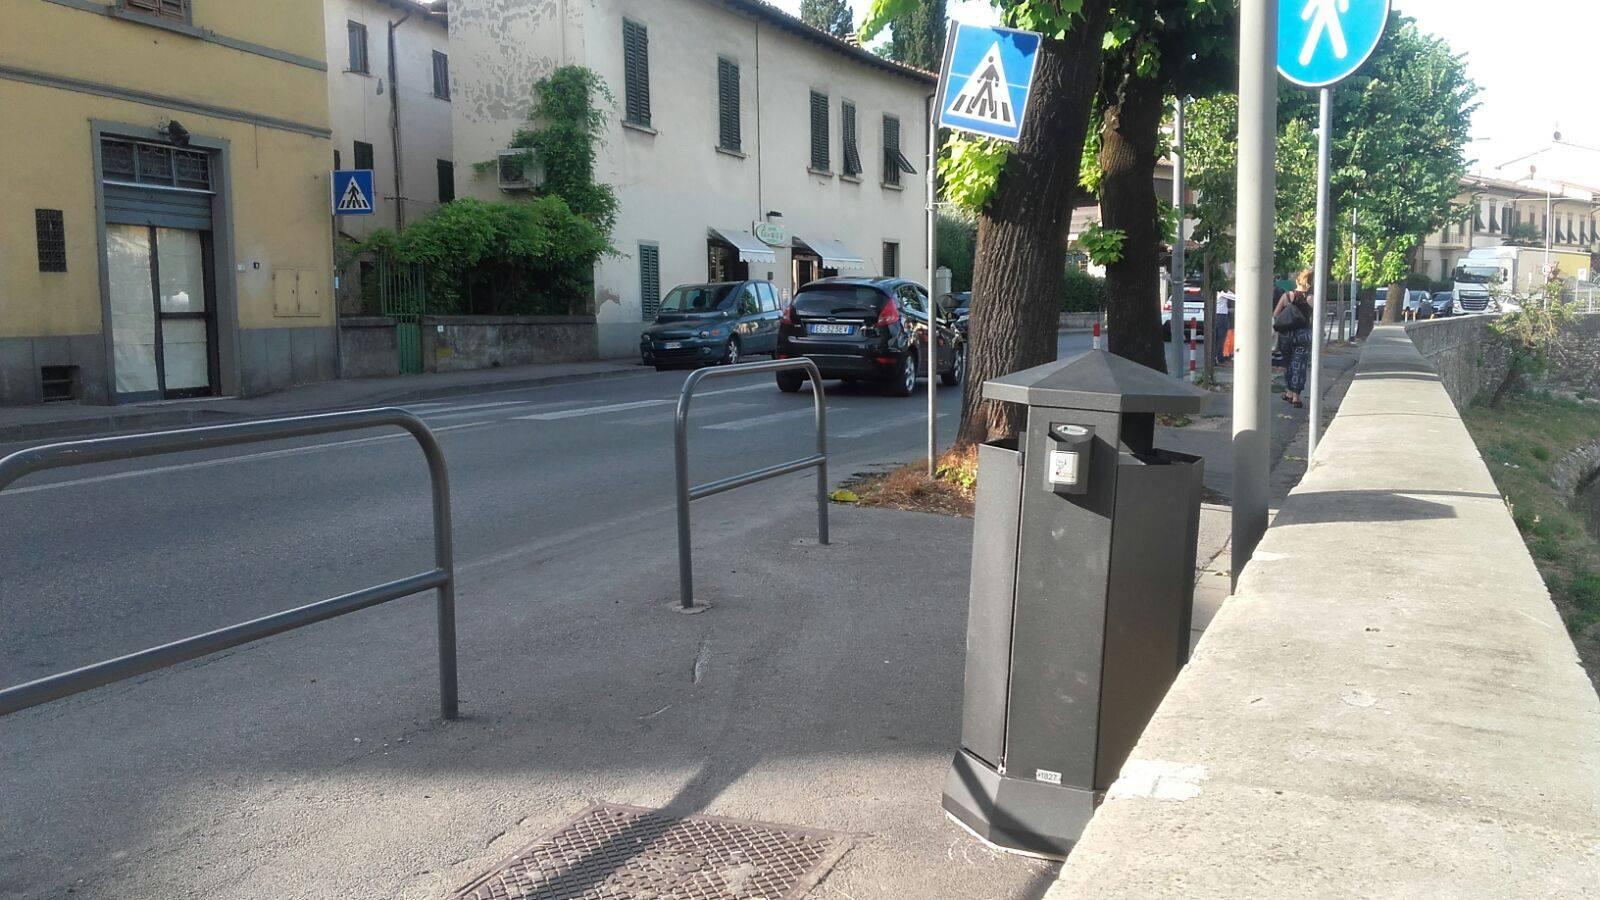 Nuovi piccoli cestini nel comune bagno a ripoli - Comune di bagno a ripoli ...